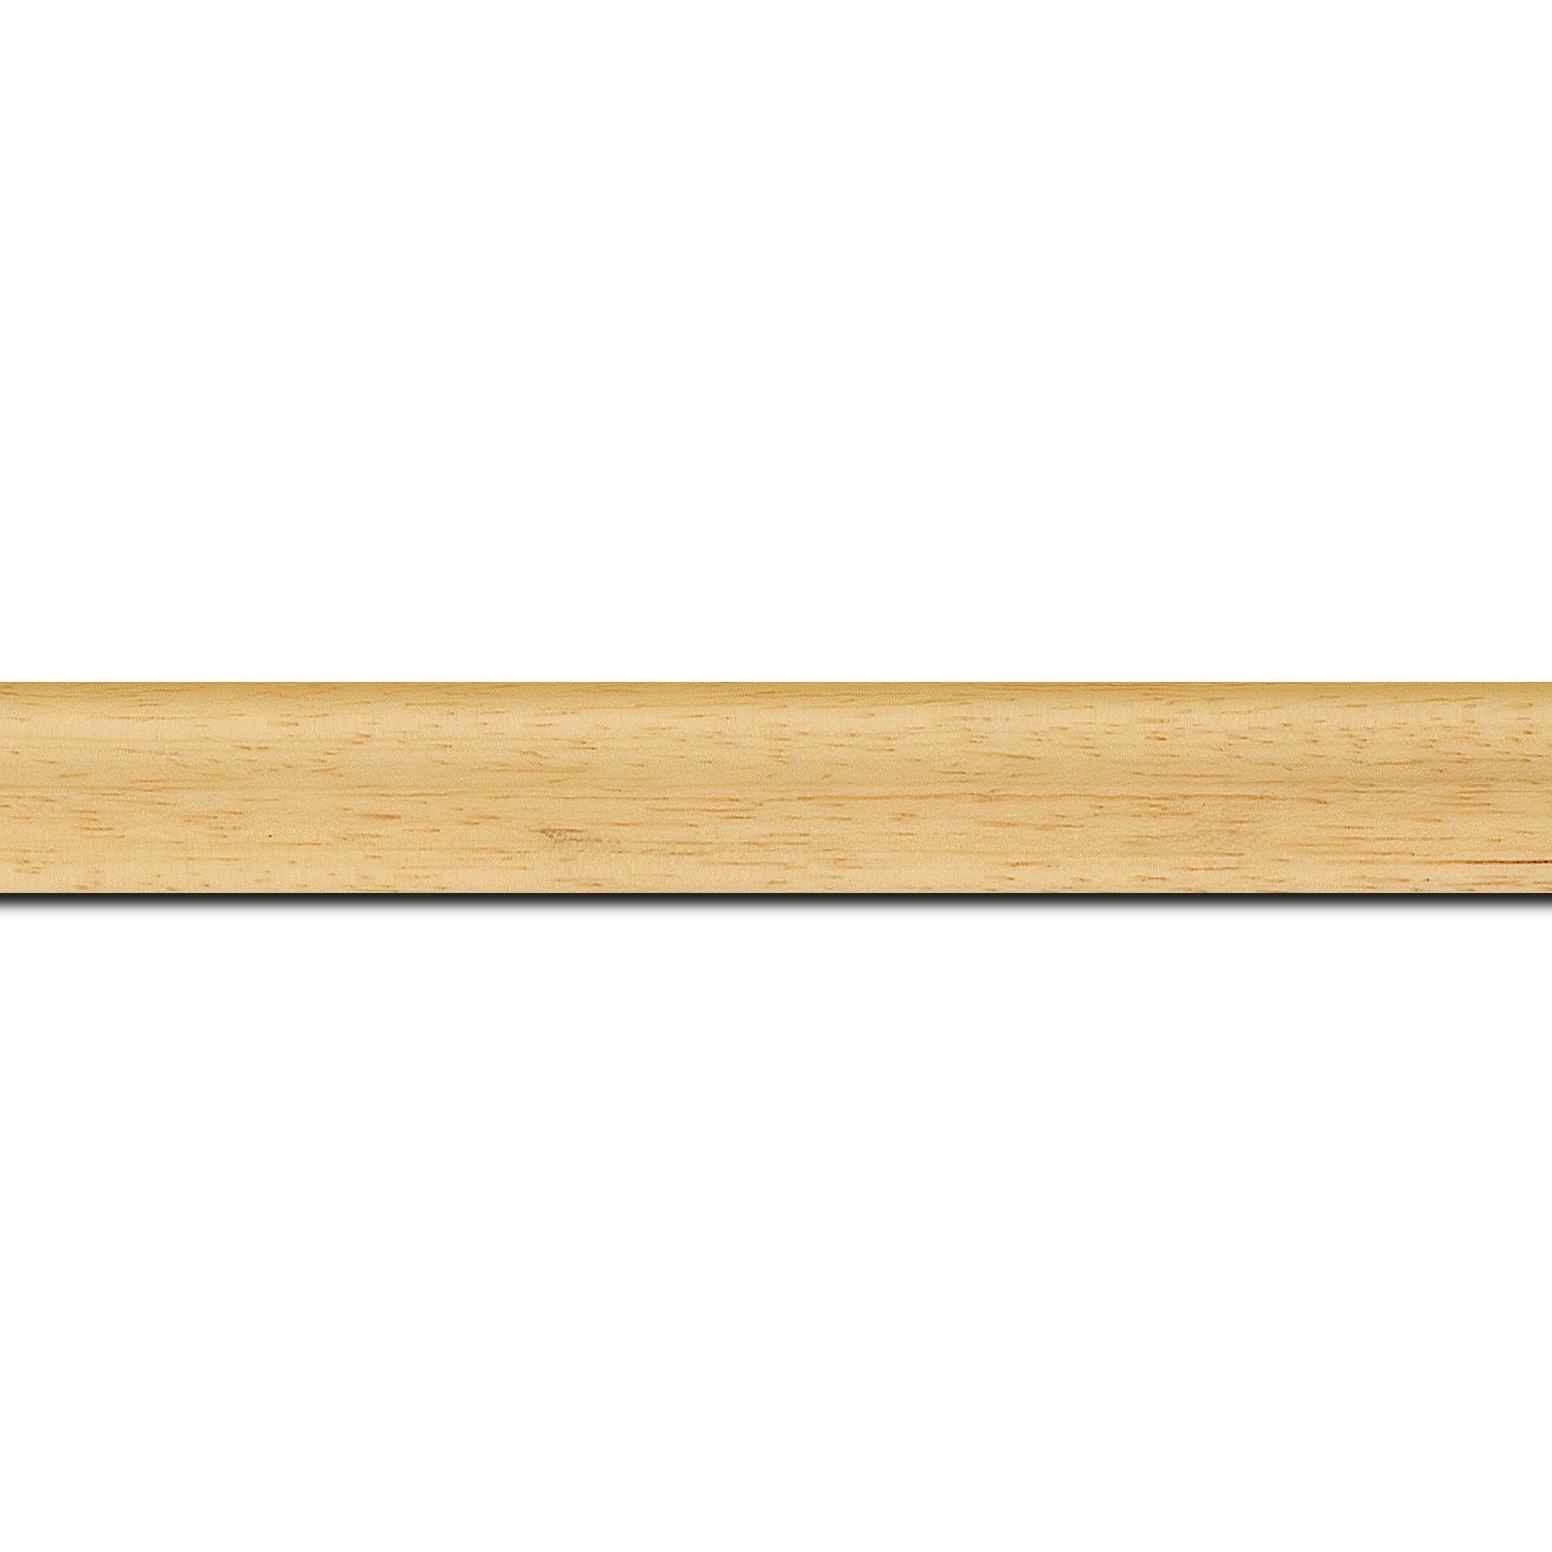 Pack par 12m, bois profil incurvé largeur 2.1cm couleur naturel satiné (longueur baguette pouvant varier entre 2.40m et 3m selon arrivage des bois)